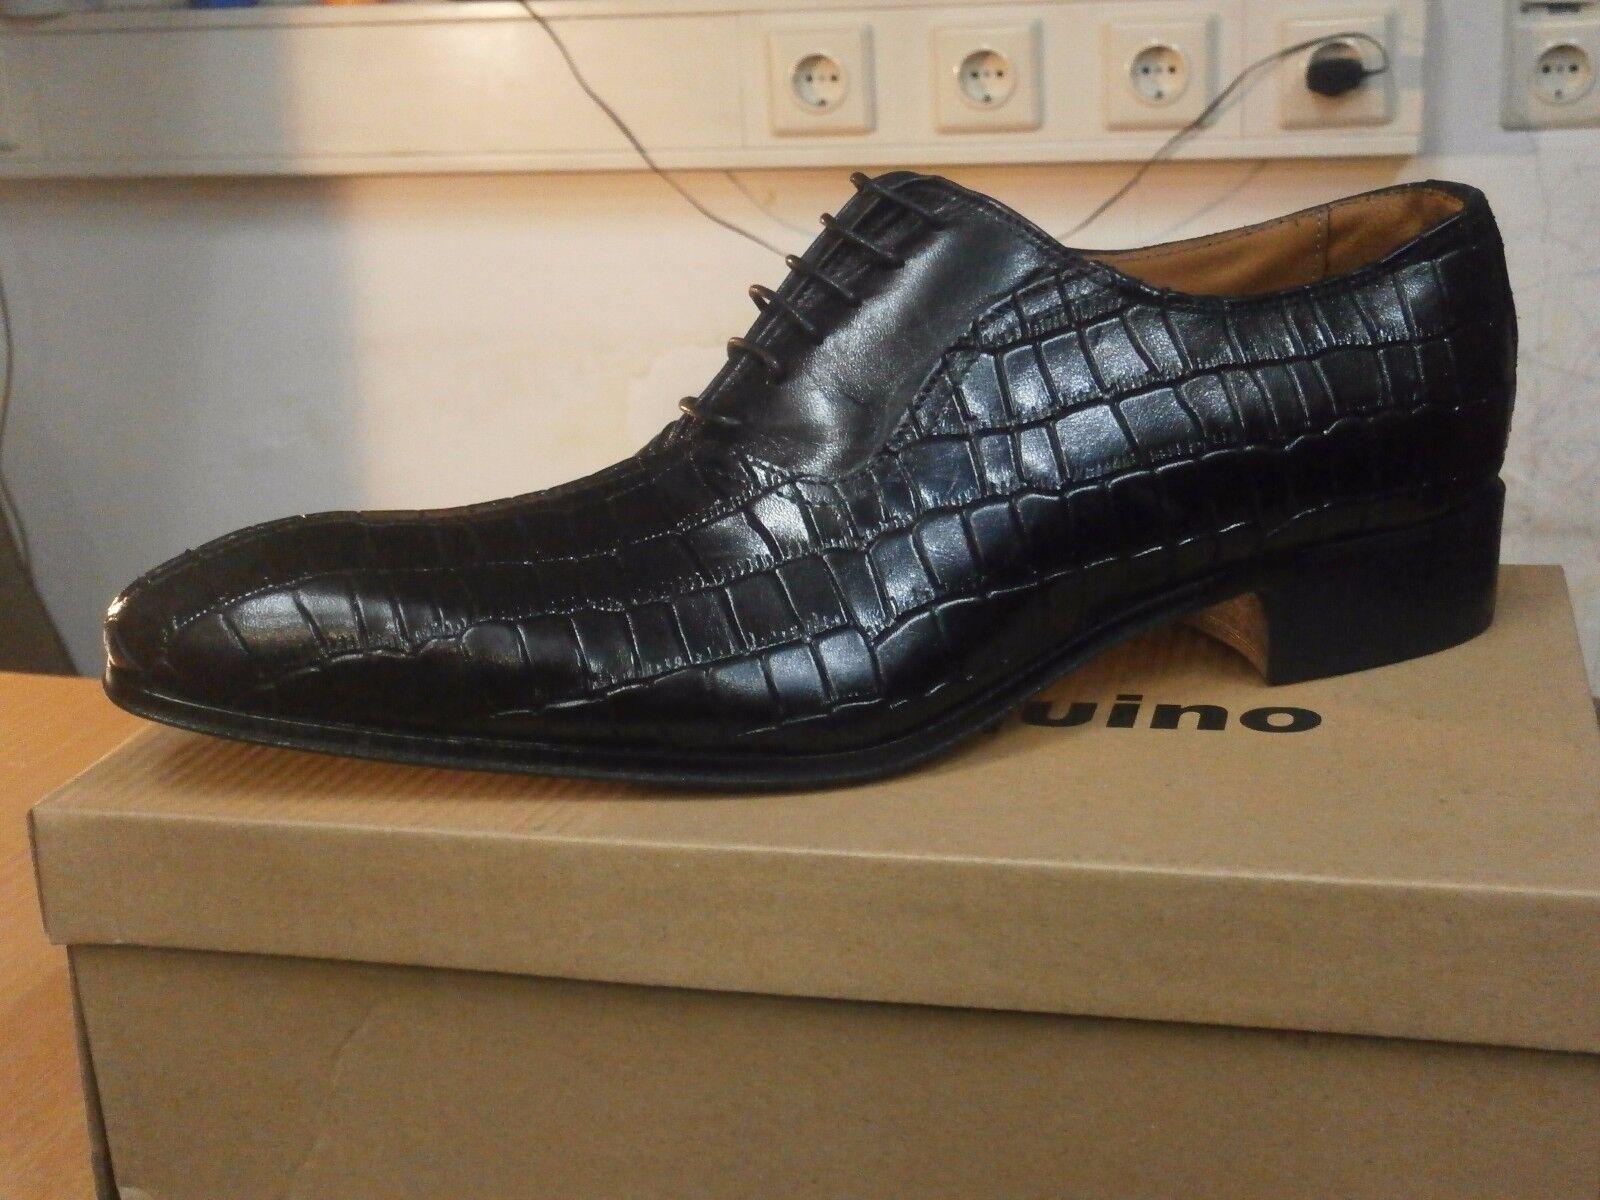 Herren Herren Herren schuhe / Italian schuhe, MARIO ALBORINO SOLID /Elegante LEDER schuhe. 12f18a